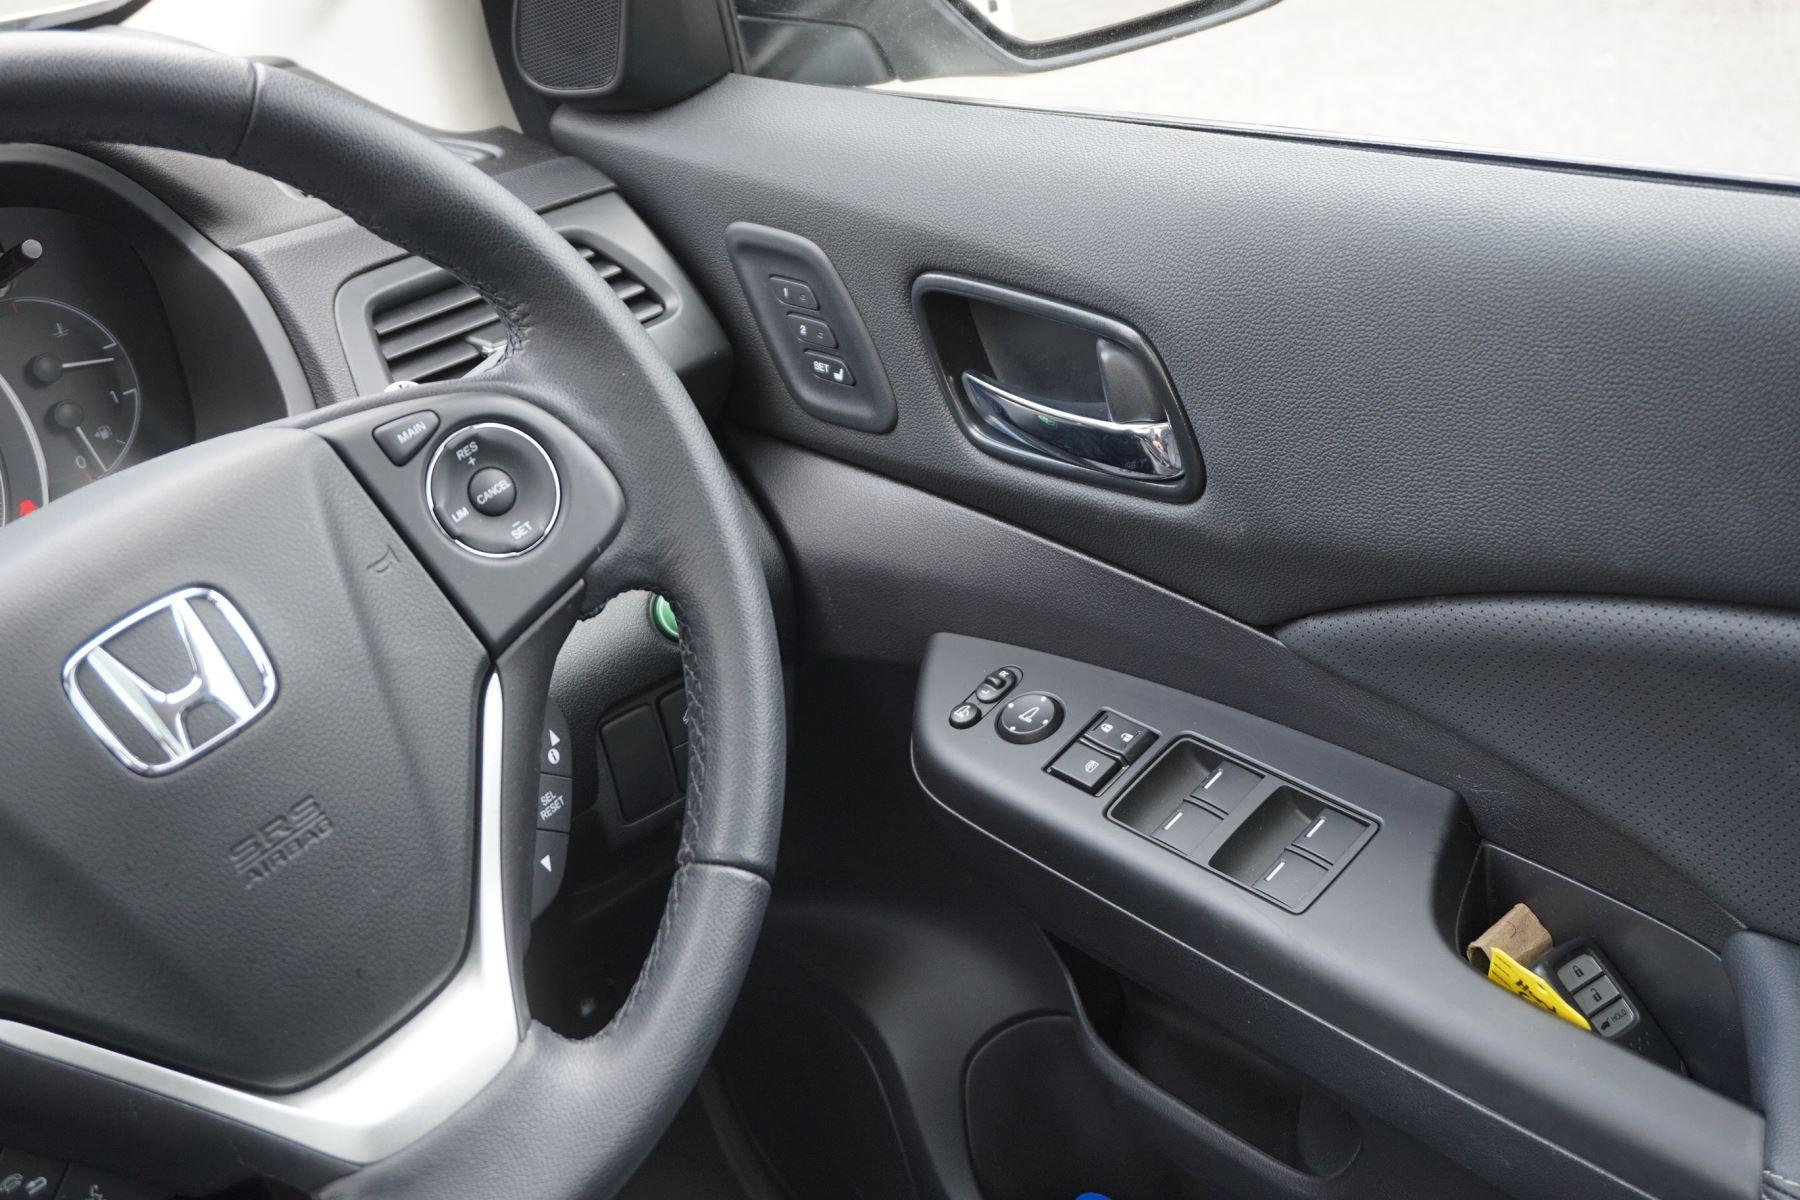 Honda CR-V 2.0 i-VTEC EX 5dr image 15